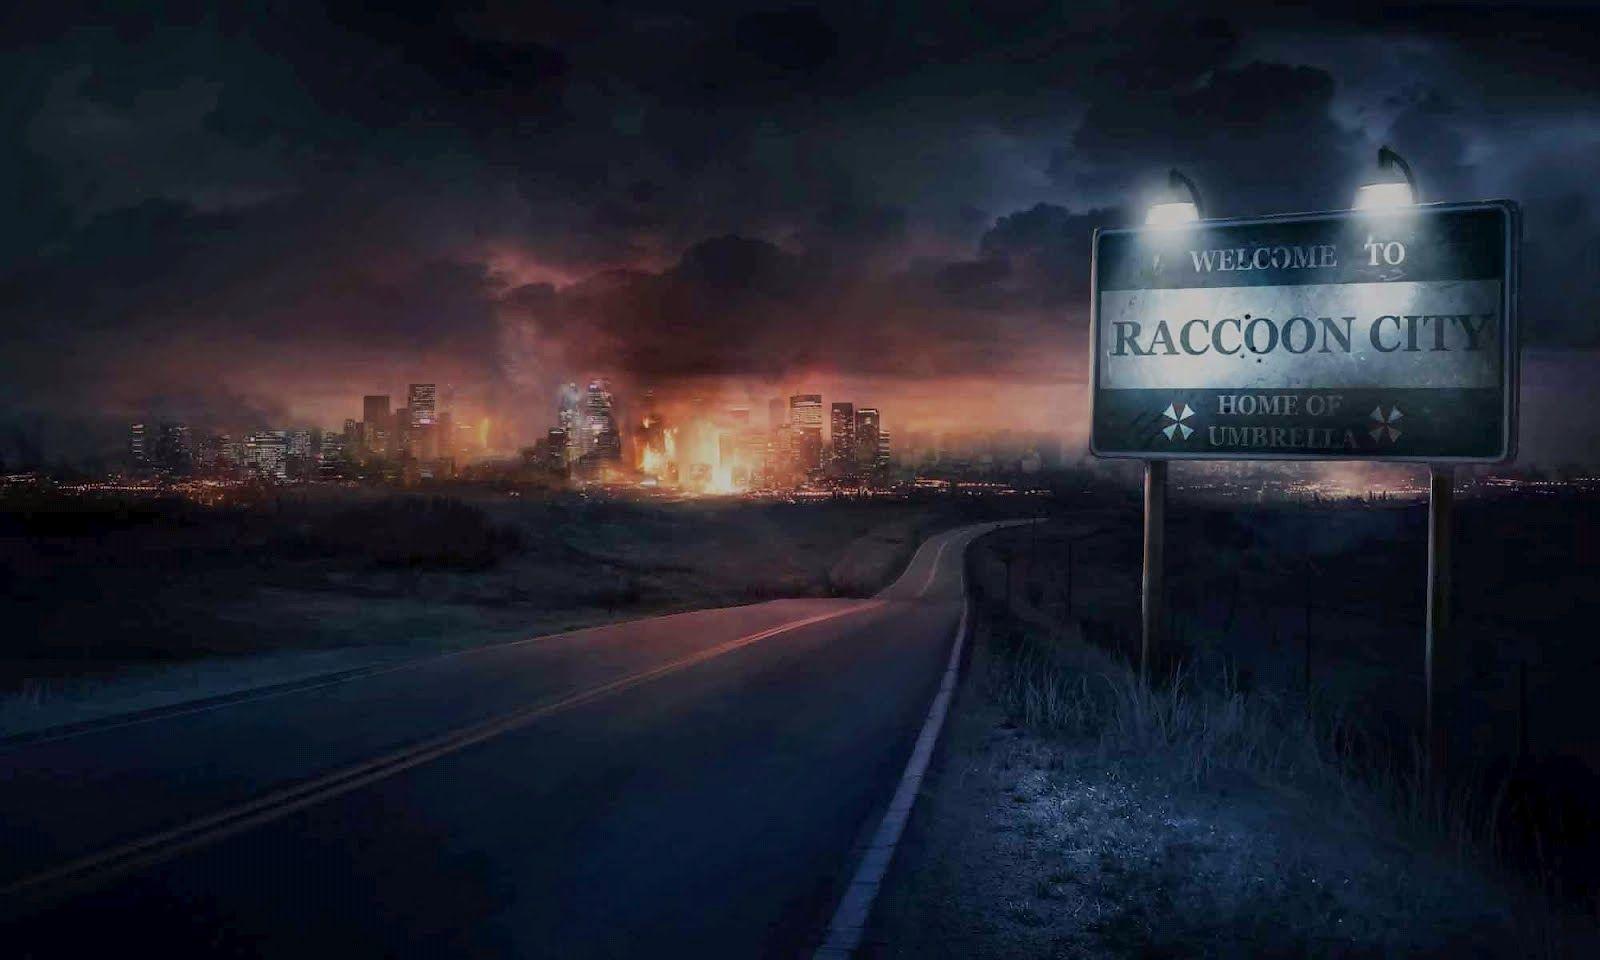 Pritajeno Zlo Resident Evil Raccoon City Resident Evil Damnation Resident Evil Leon